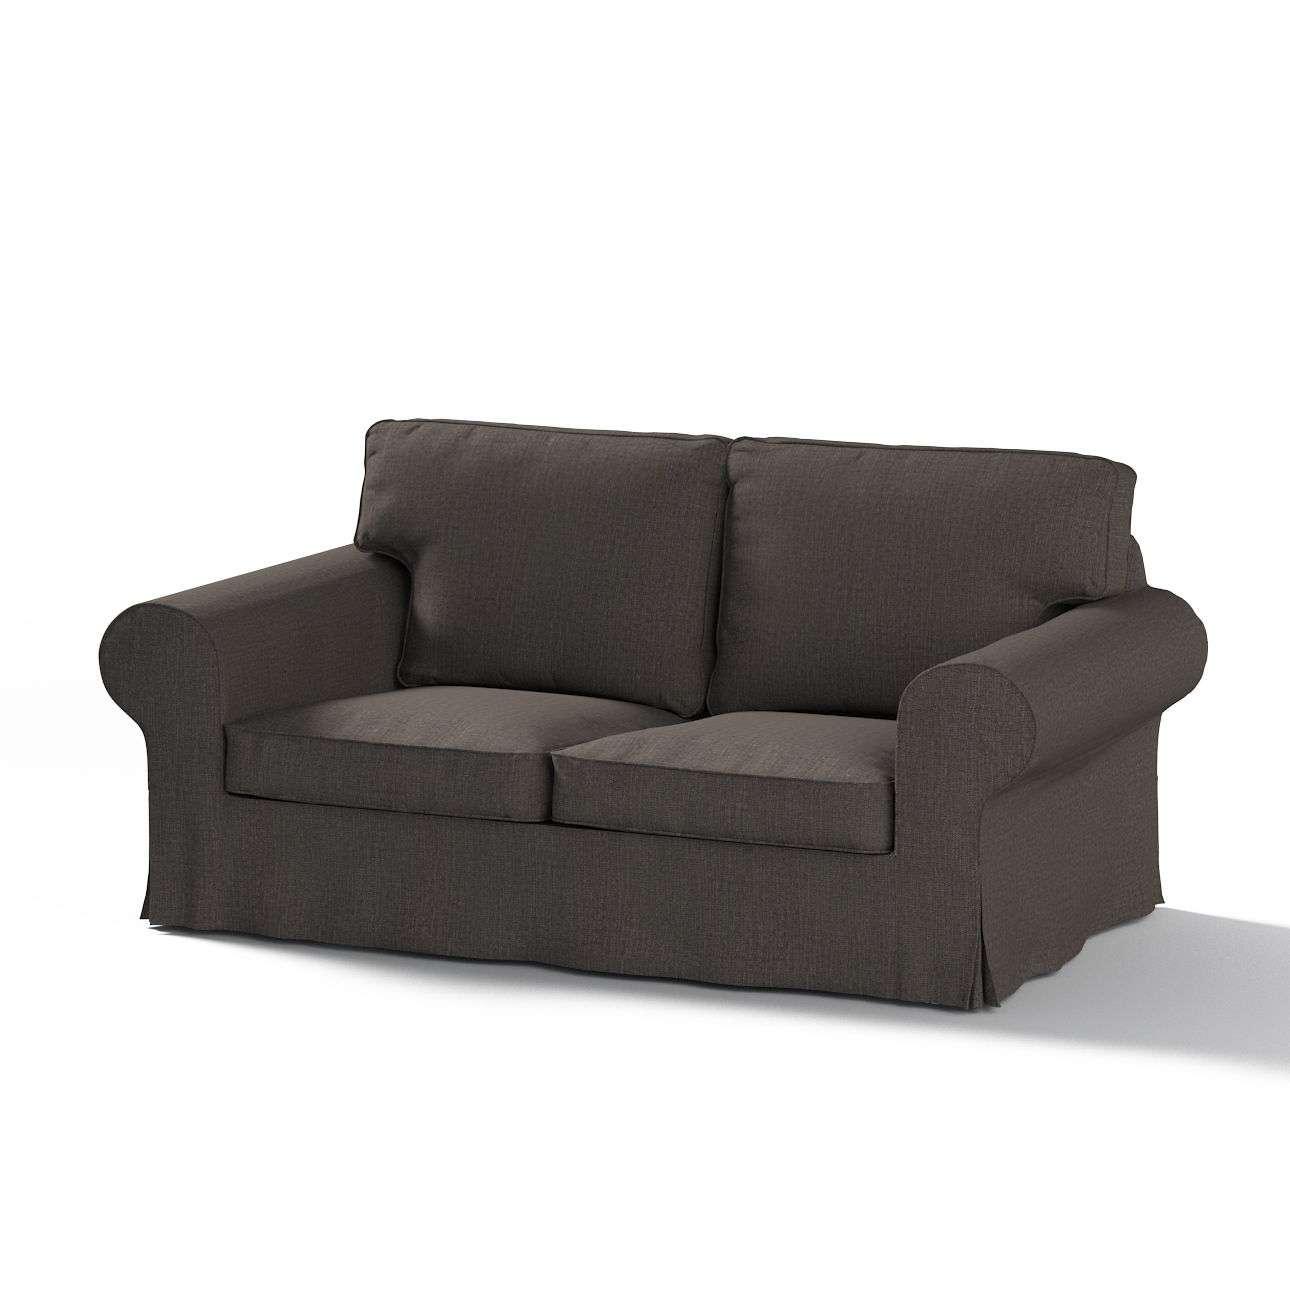 Poťah na sedačku Ektorp (nerozkladá sa, pre 2 osoby) V kolekcii Etna, tkanina: 702-36